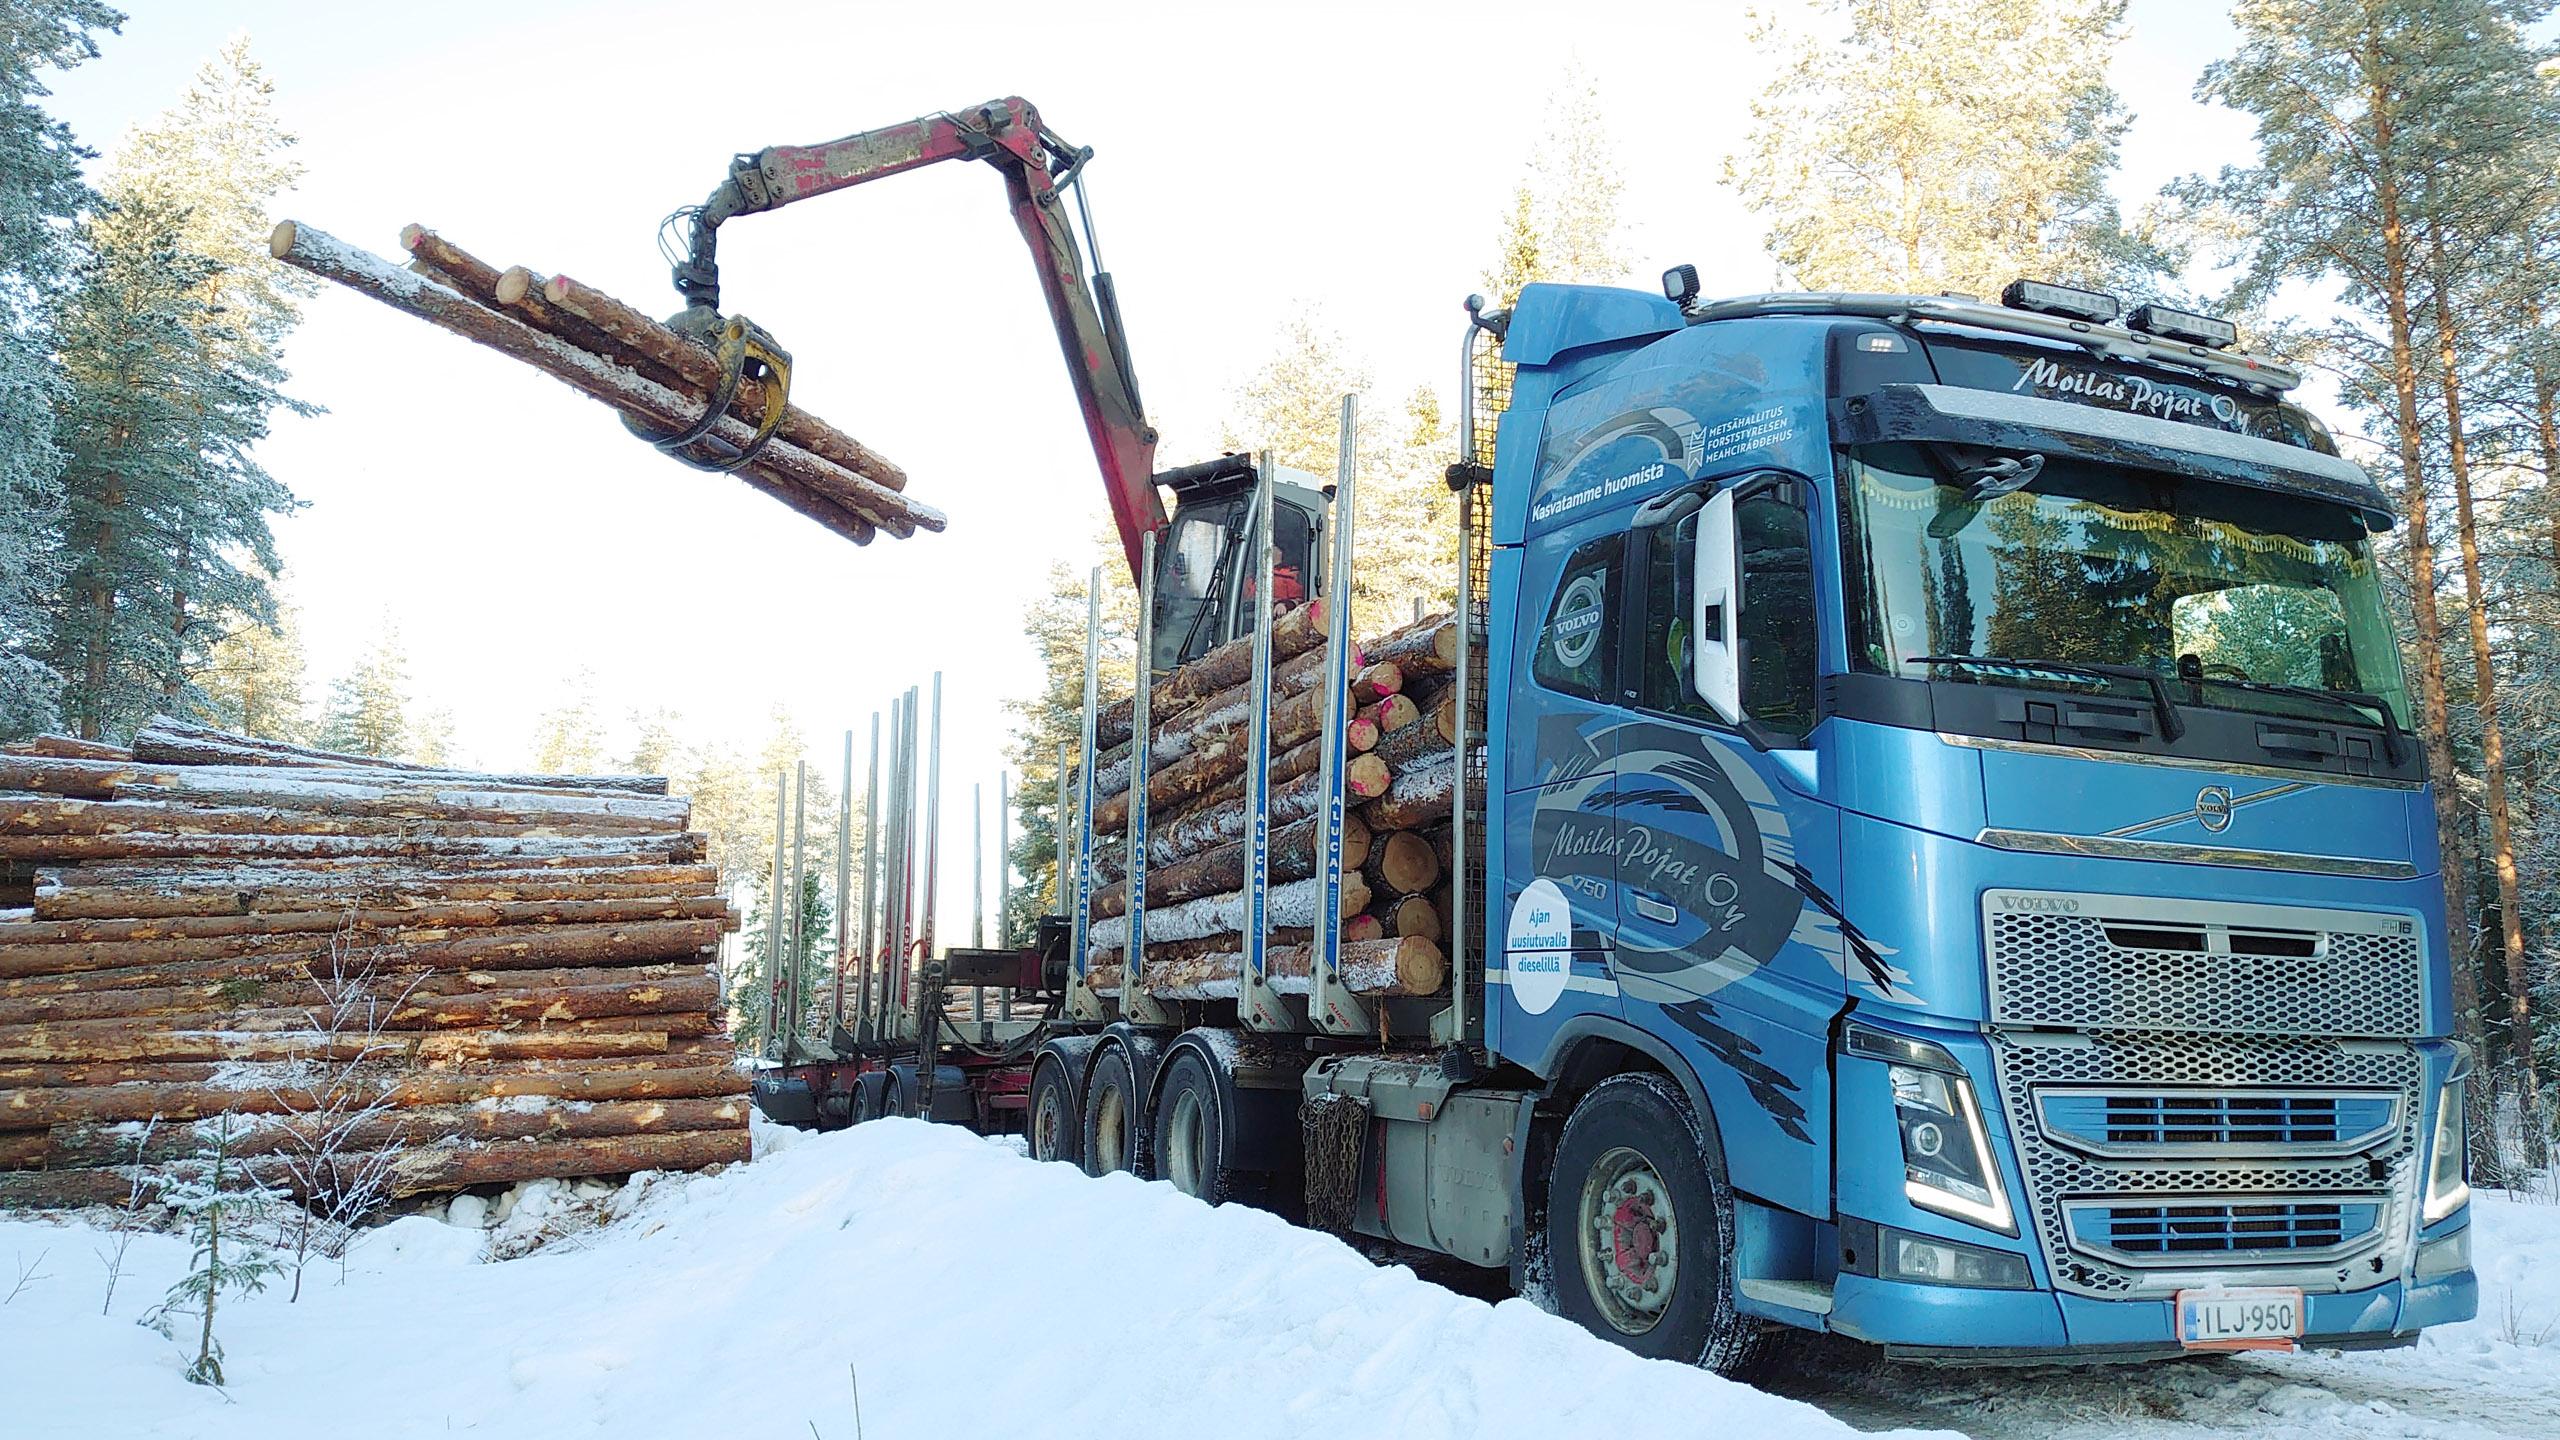 Puutavara-autoa lastataann talvisella metsätiellä